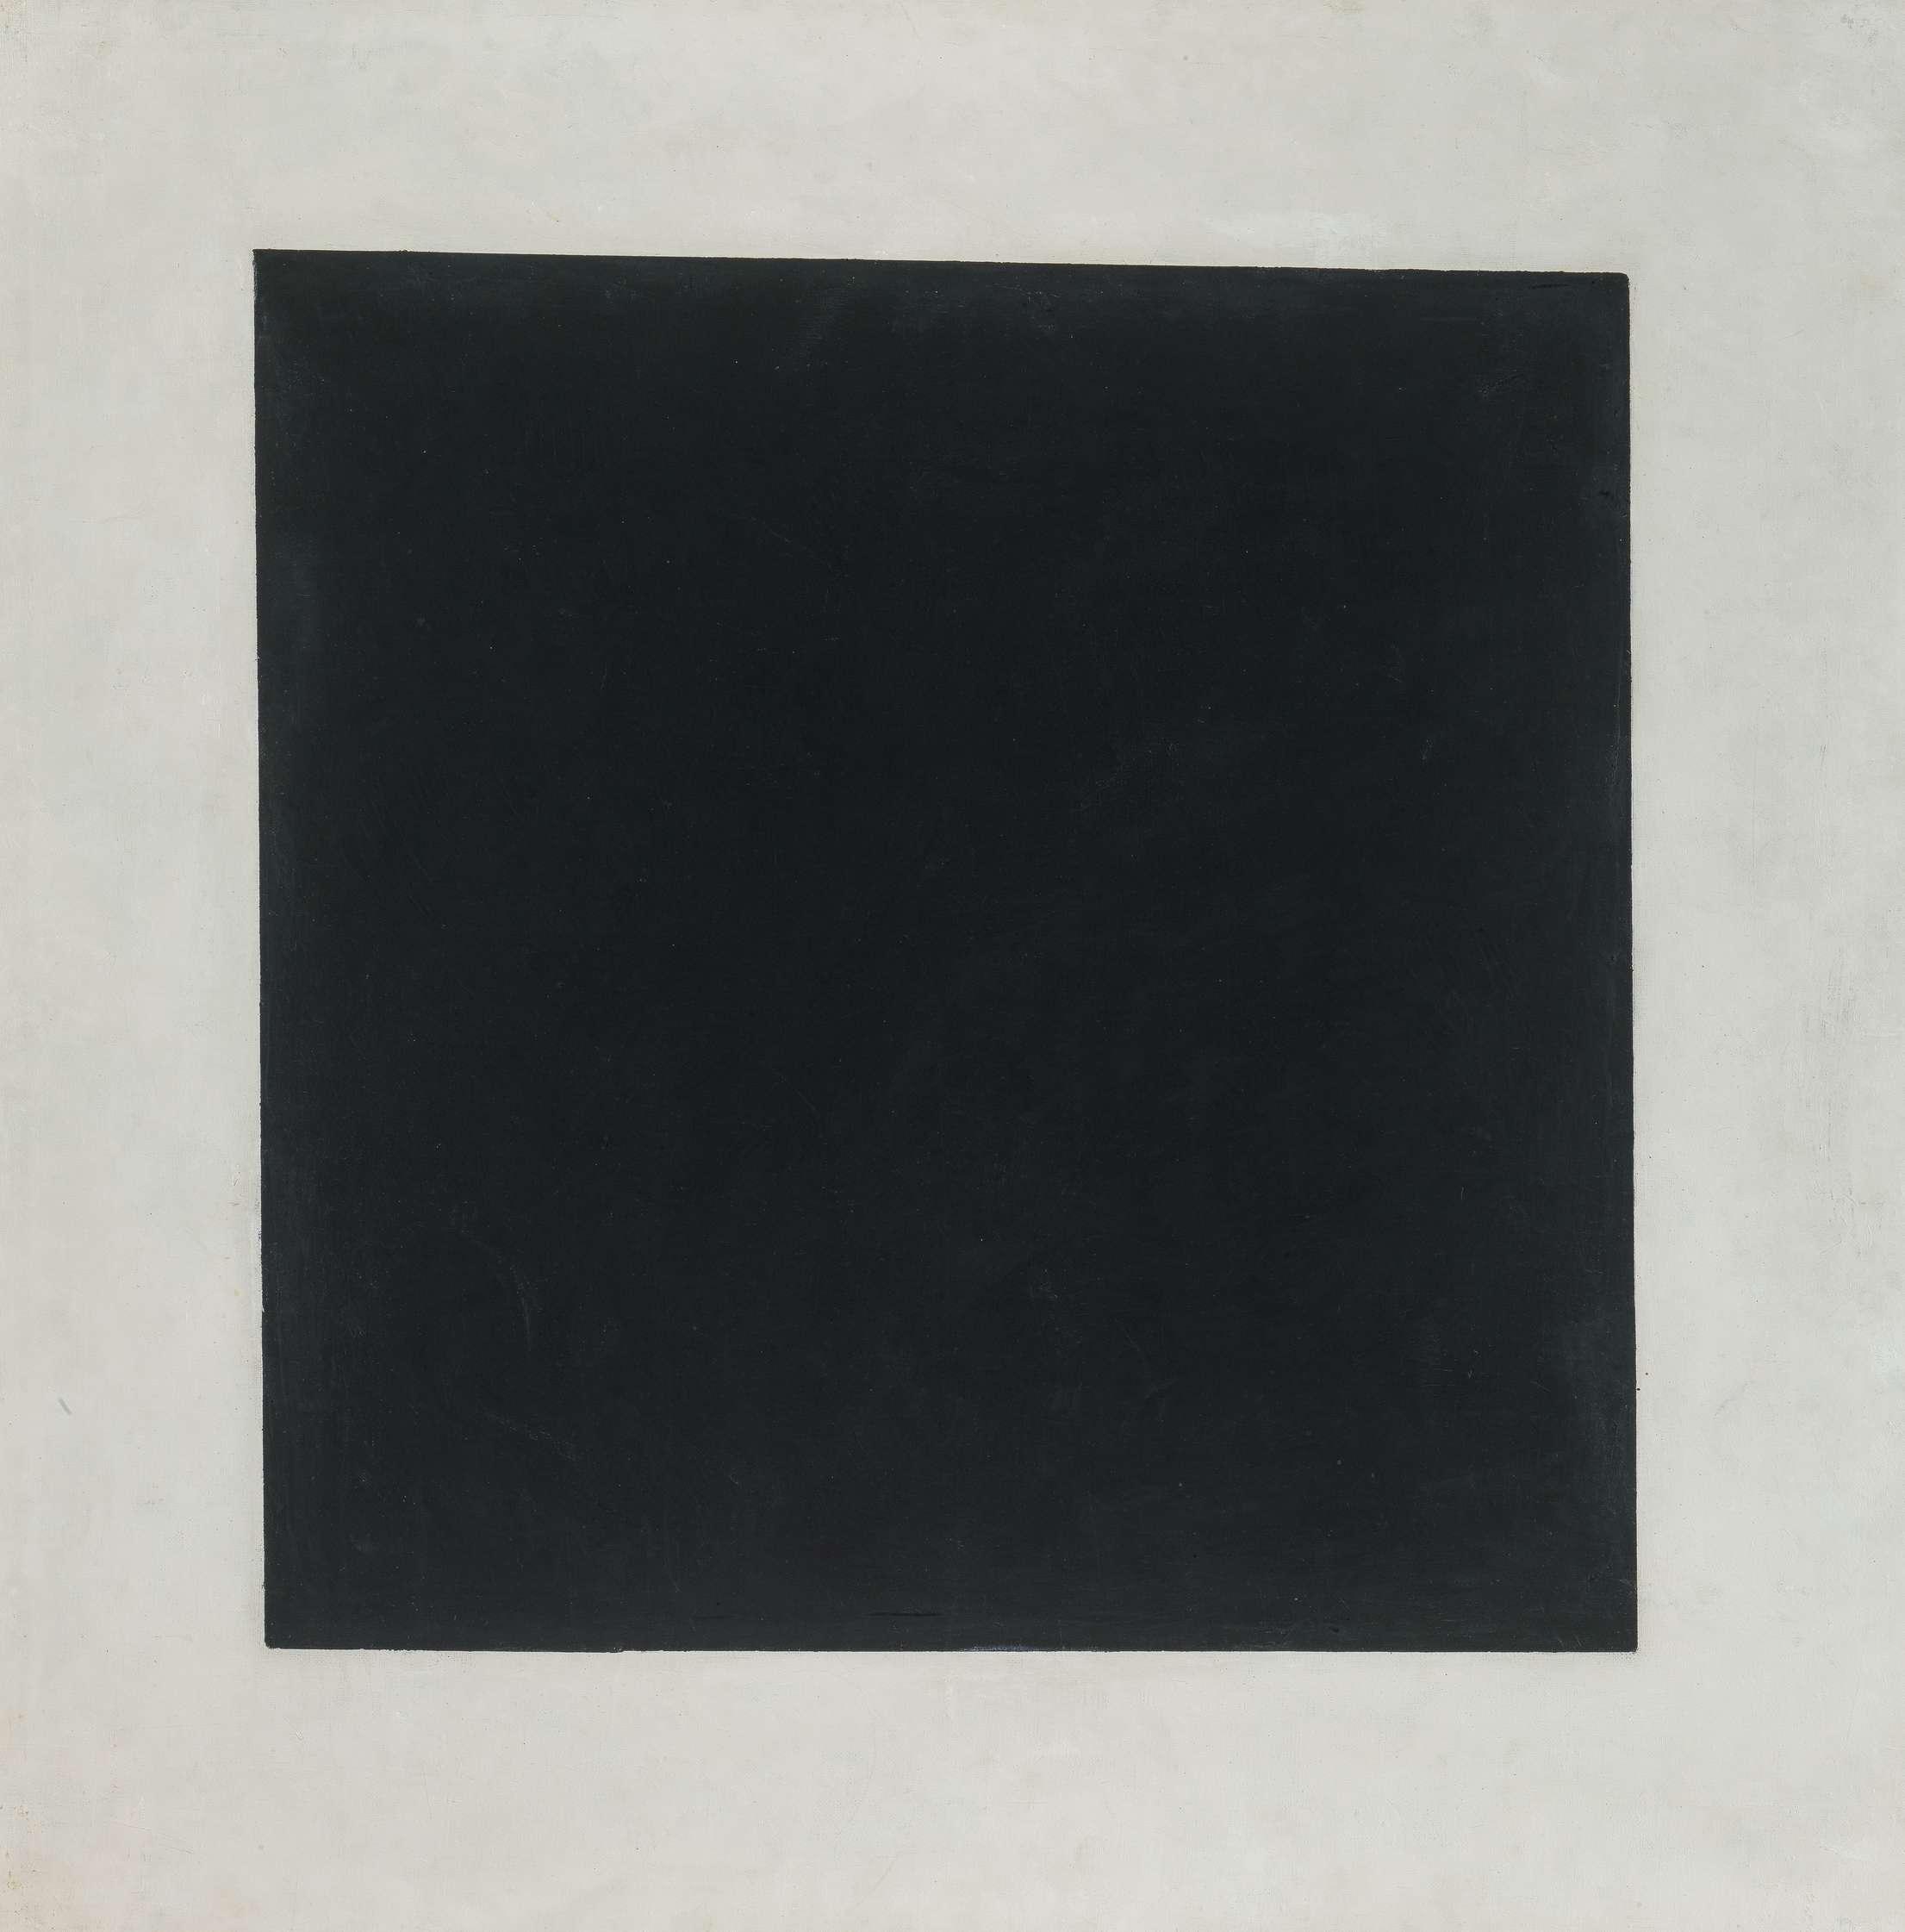 Des œuvres exceptionnelles sont ainsi réunies, comme «Le Carré noir», de Malevitch.